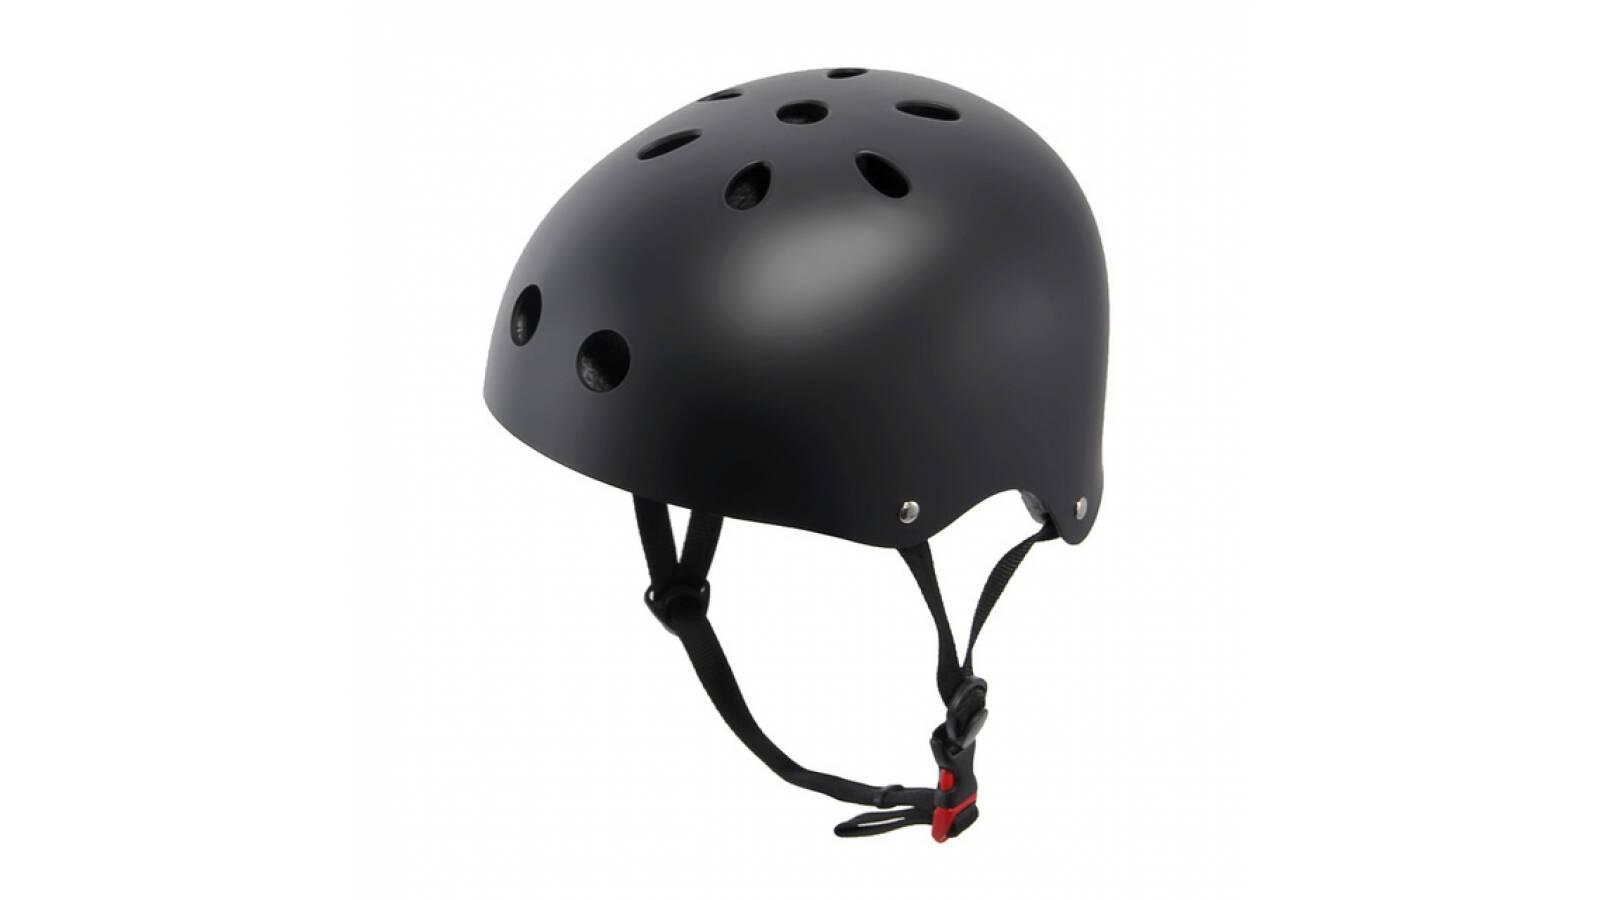 Casco profesional negro - proteccion skate bicicleta rollers